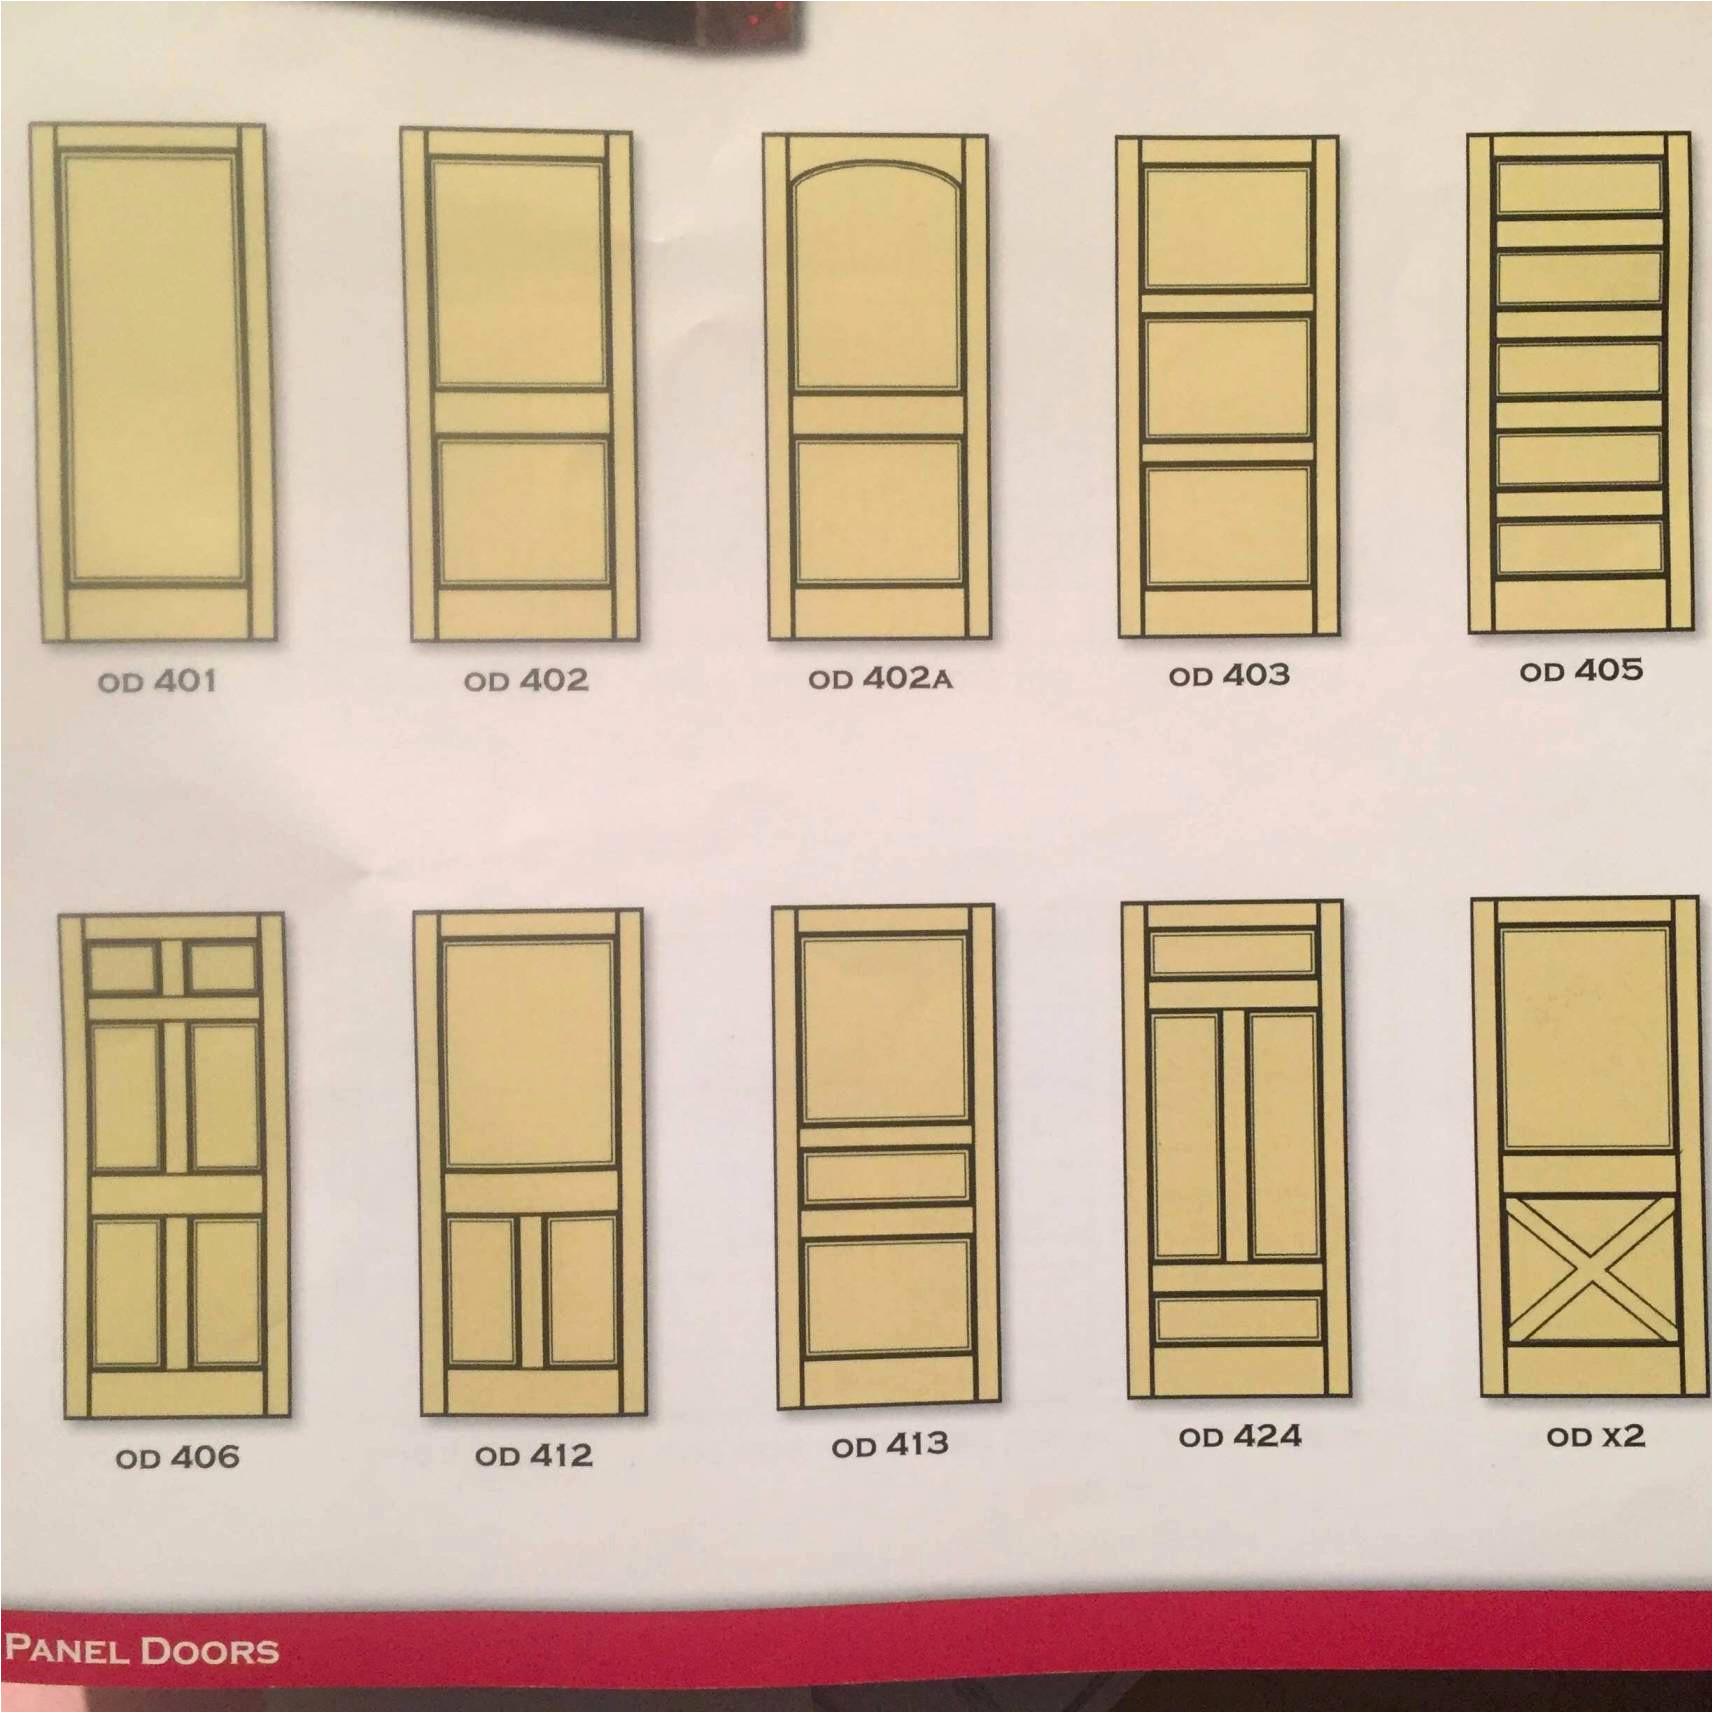 garage door services omaha elegant garage door emergency release lock archives vikupauto garage door services omaha